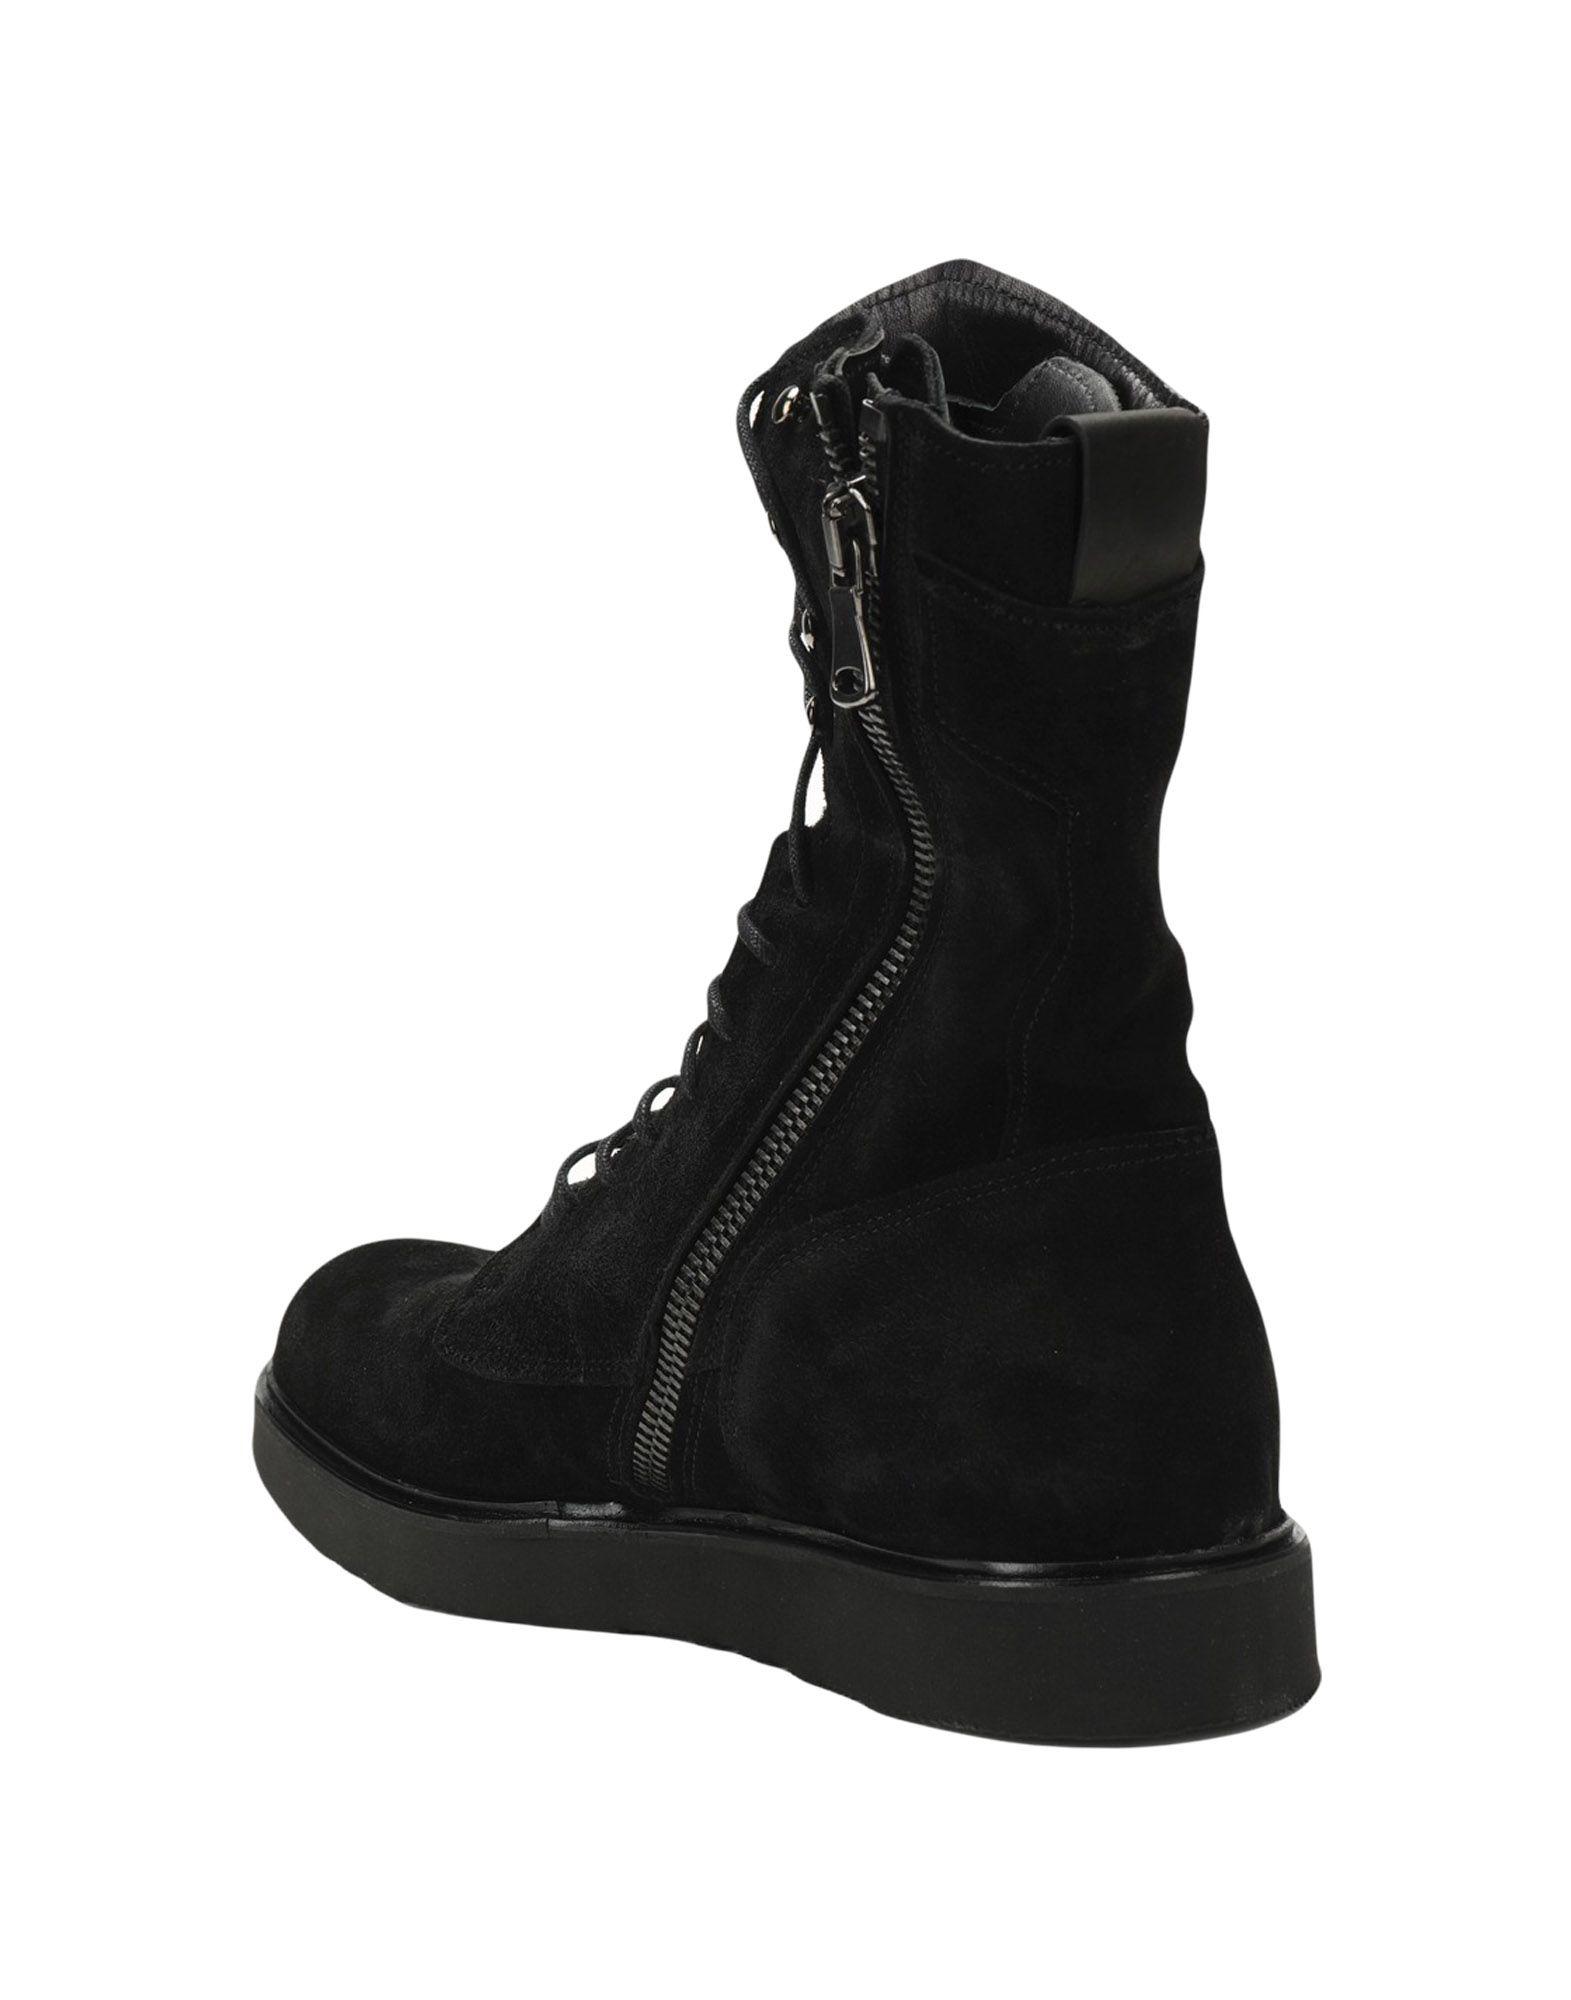 Savio Barbato Stiefelette Herren  Schuhe 11539957MX Gute Qualität beliebte Schuhe  f693d8